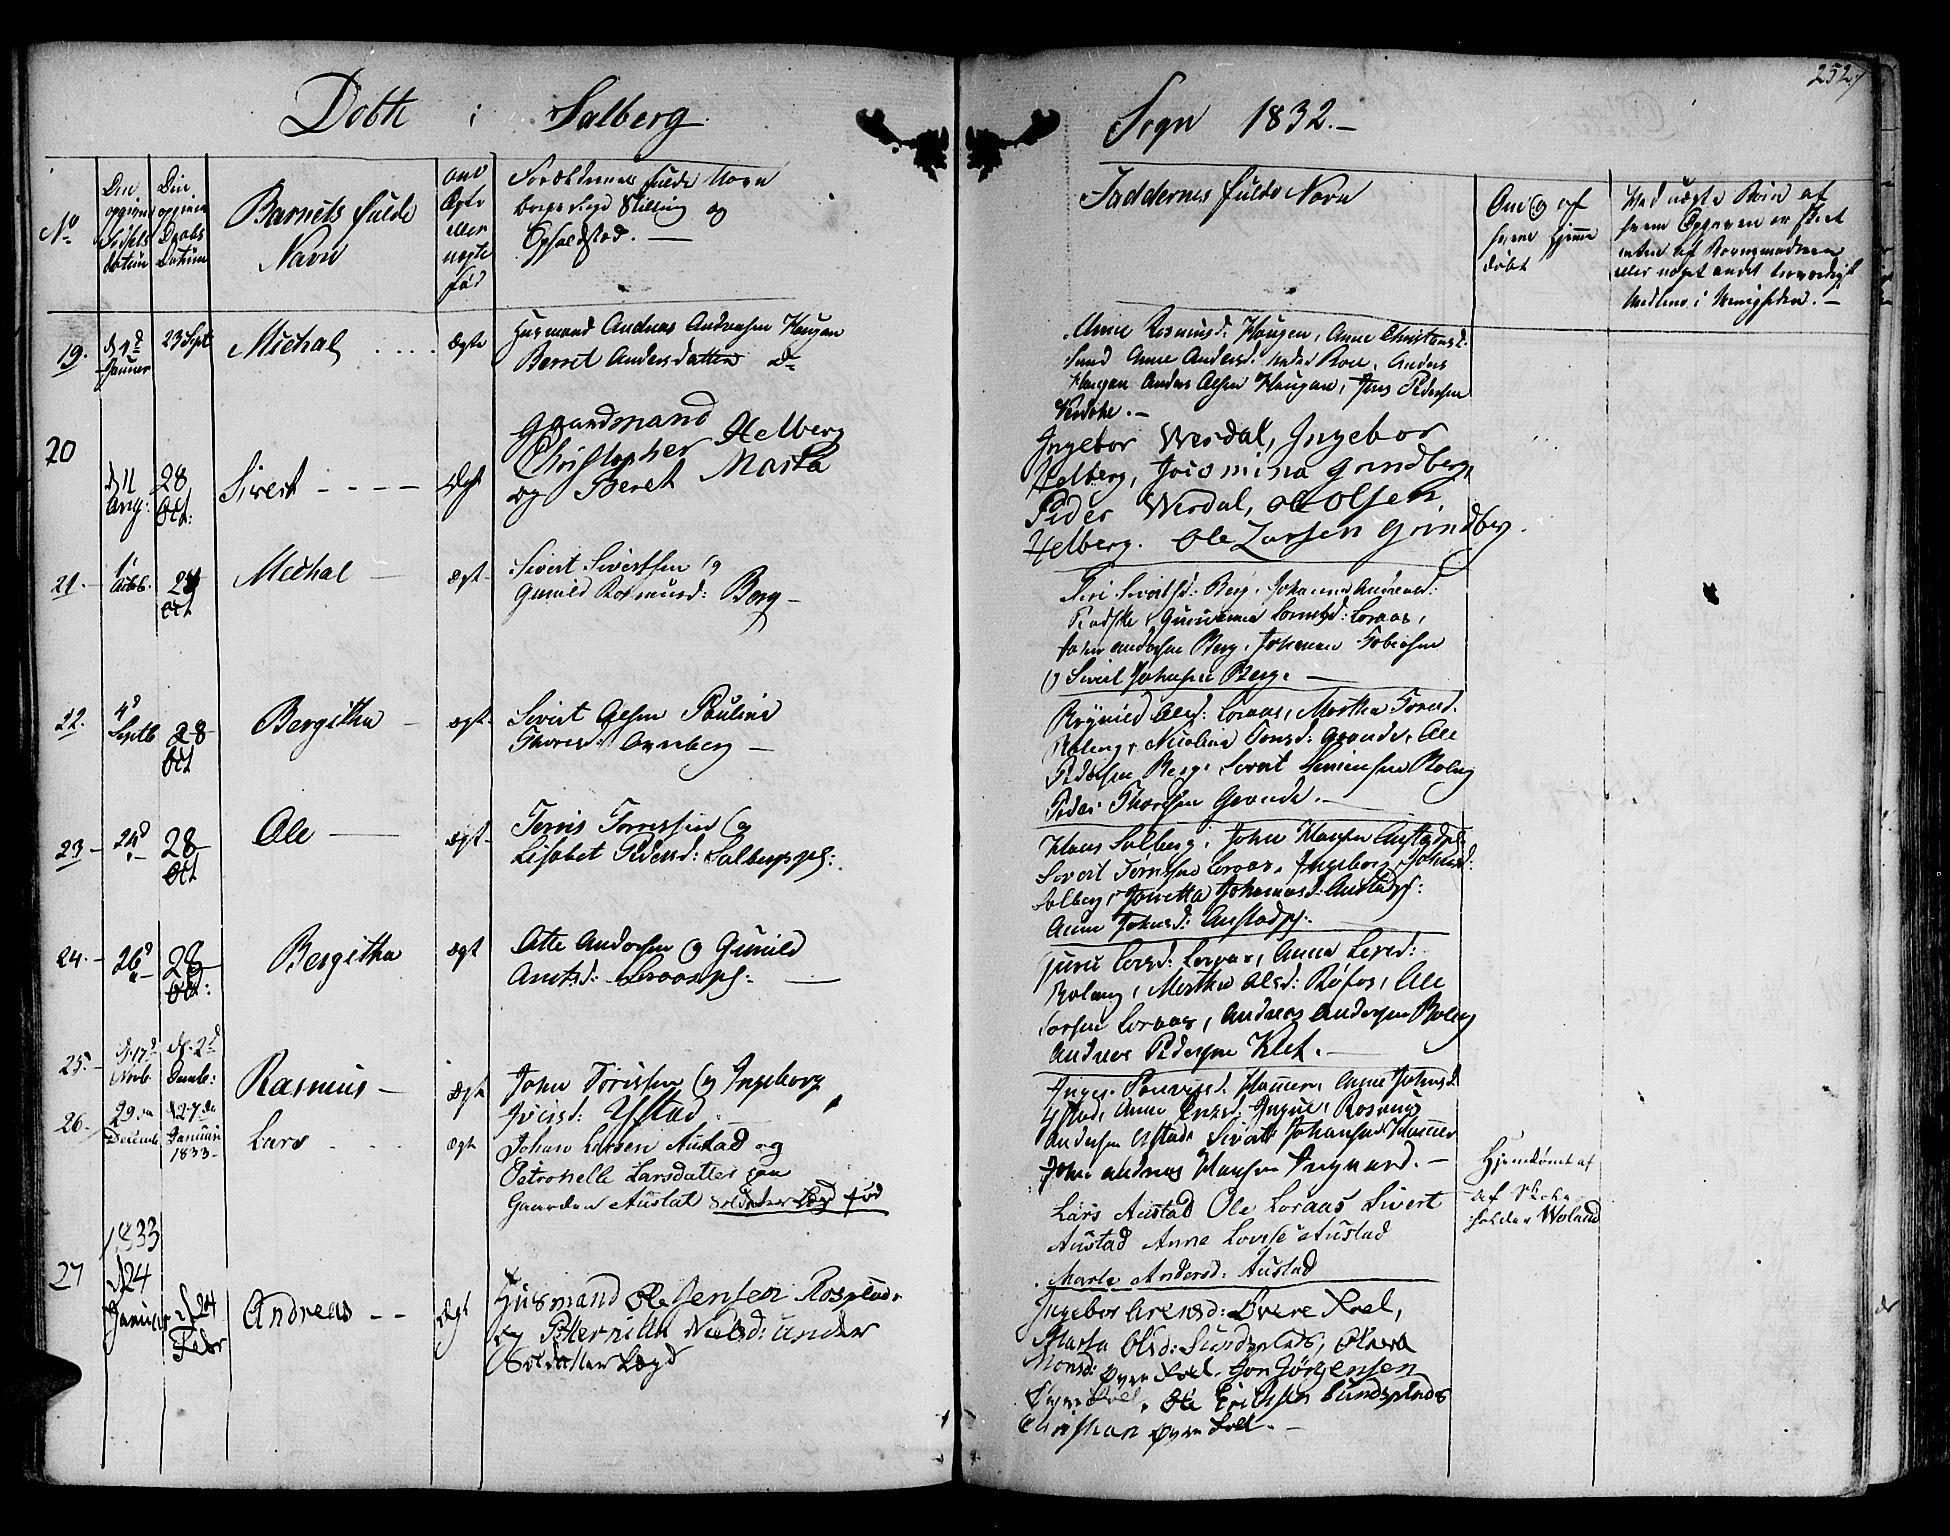 SAT, Ministerialprotokoller, klokkerbøker og fødselsregistre - Nord-Trøndelag, 730/L0277: Ministerialbok nr. 730A06 /2, 1831-1839, s. 252